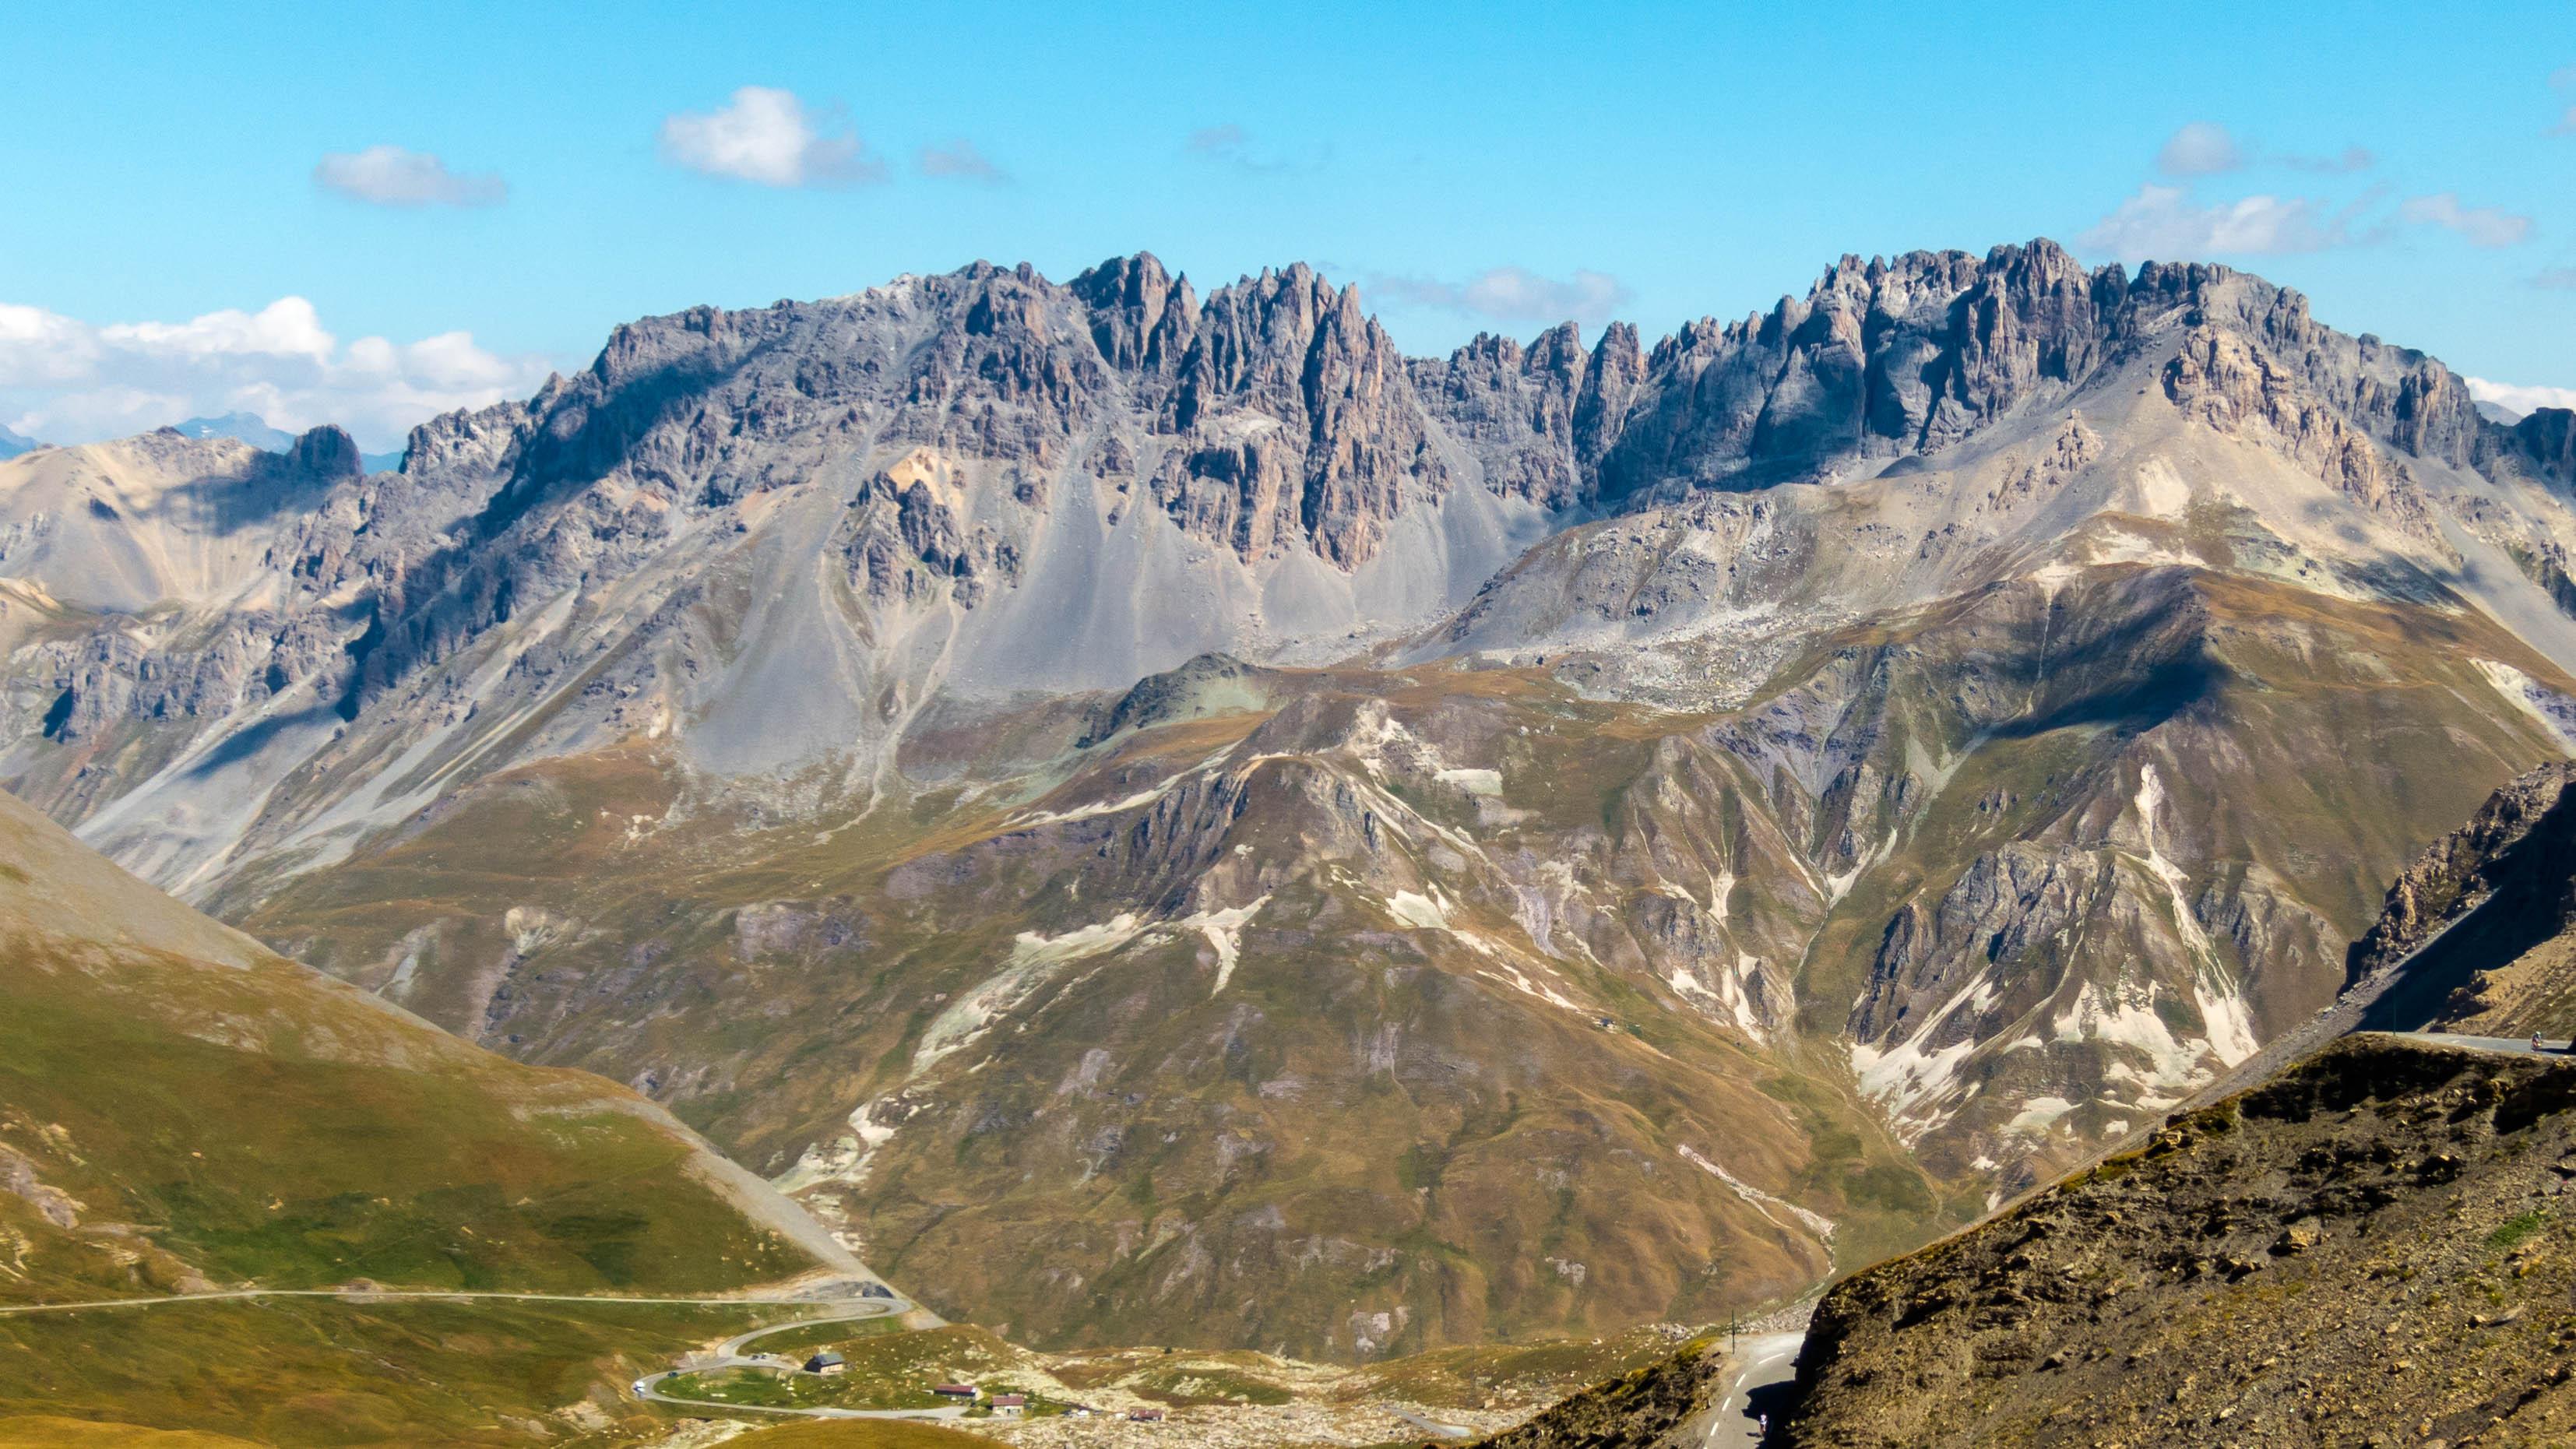 Col du Galibier (2645 m) - In der zweiten Bildergalerie geht es weiter.